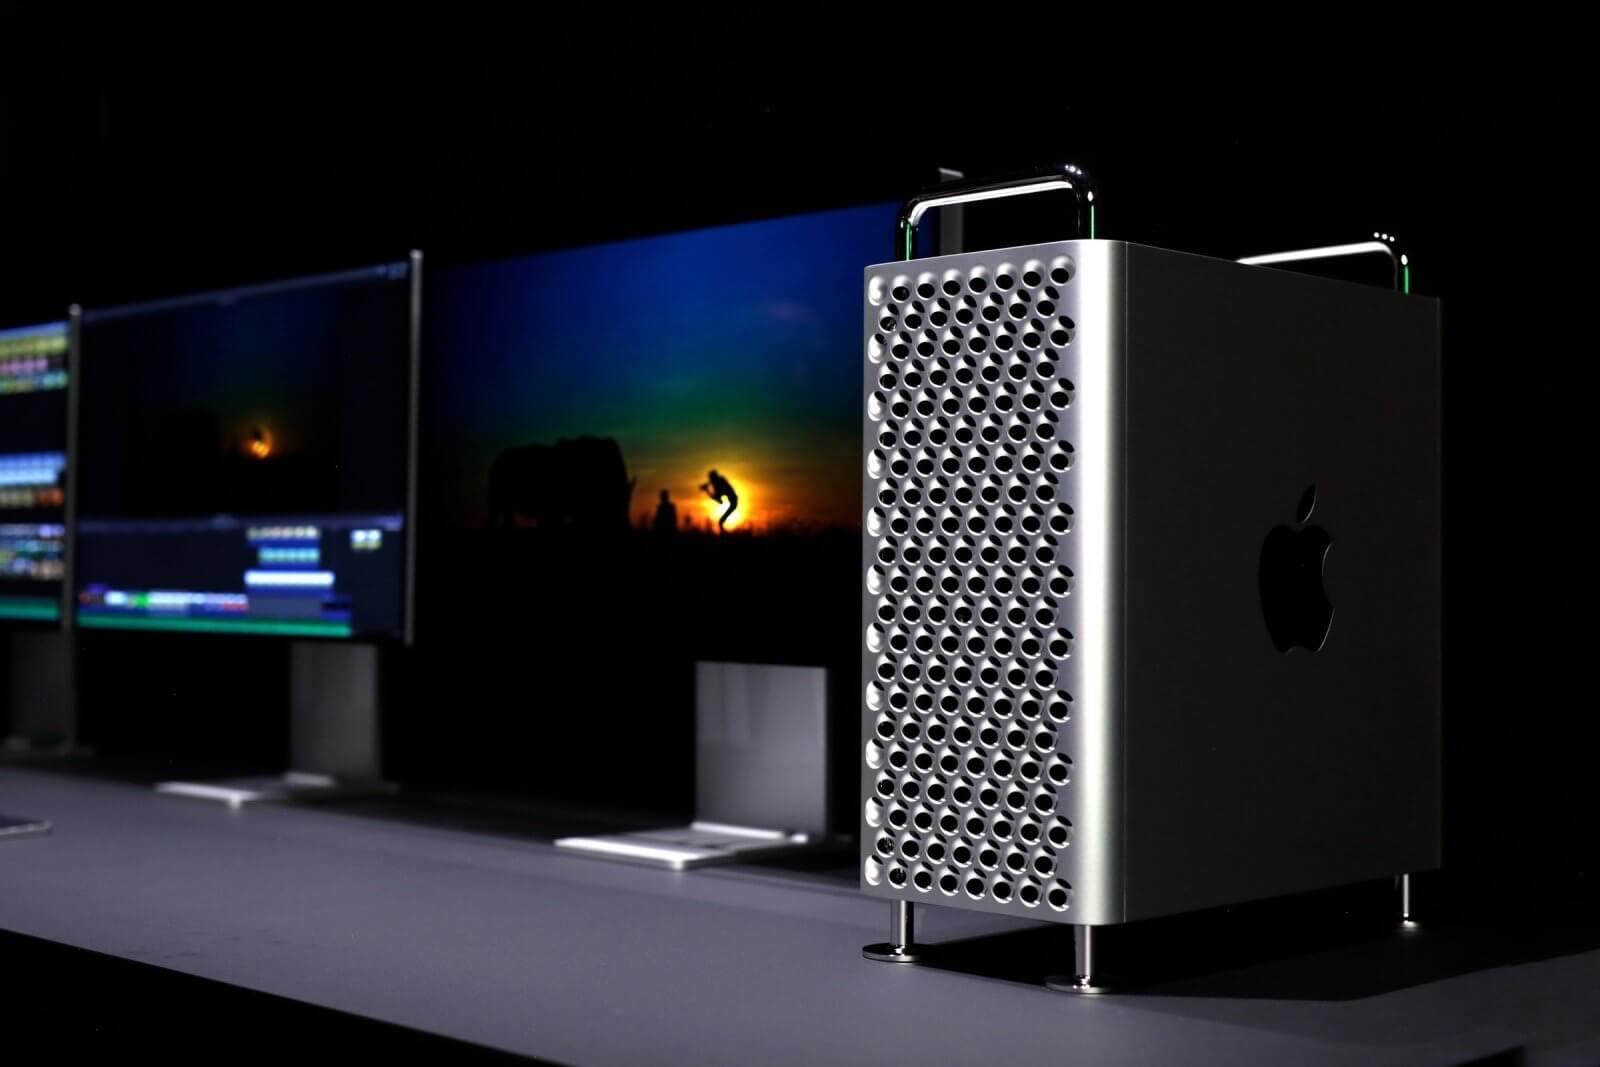 Сколько будет стоить новый Mac Pro в максимальной комплектации